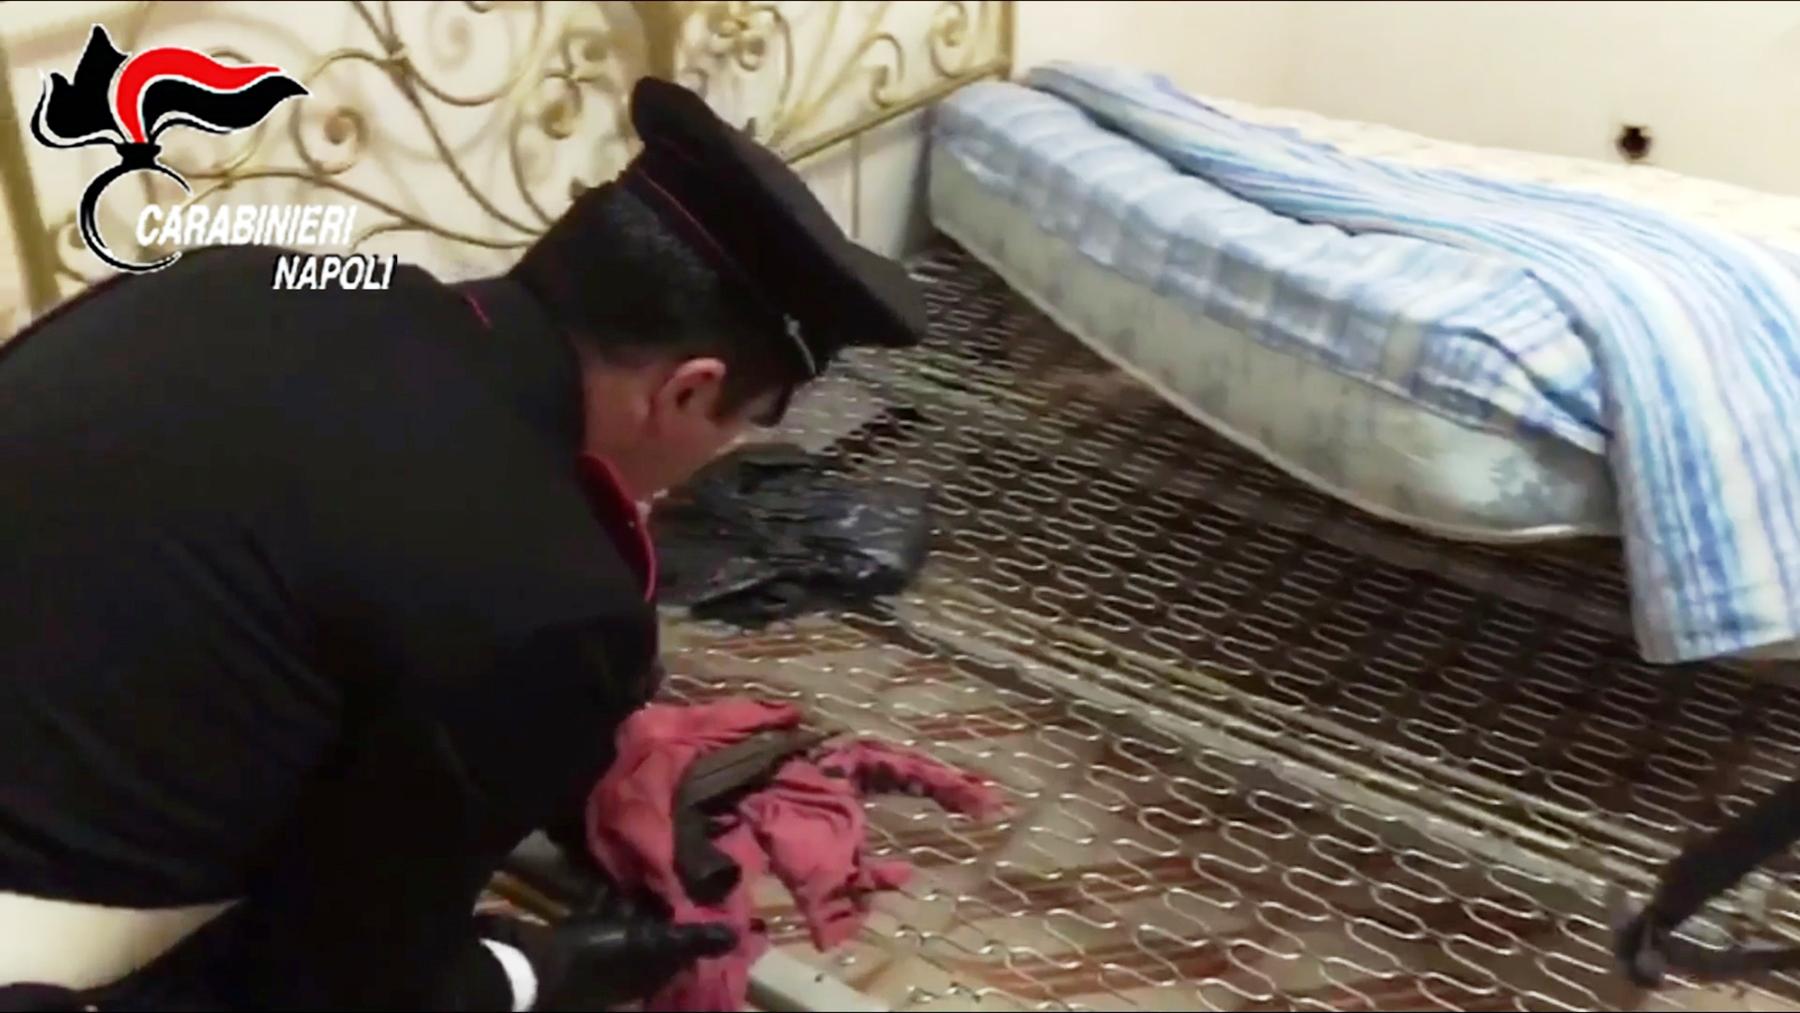 Mitraglietta Scorpion nascosta sotto il materasso